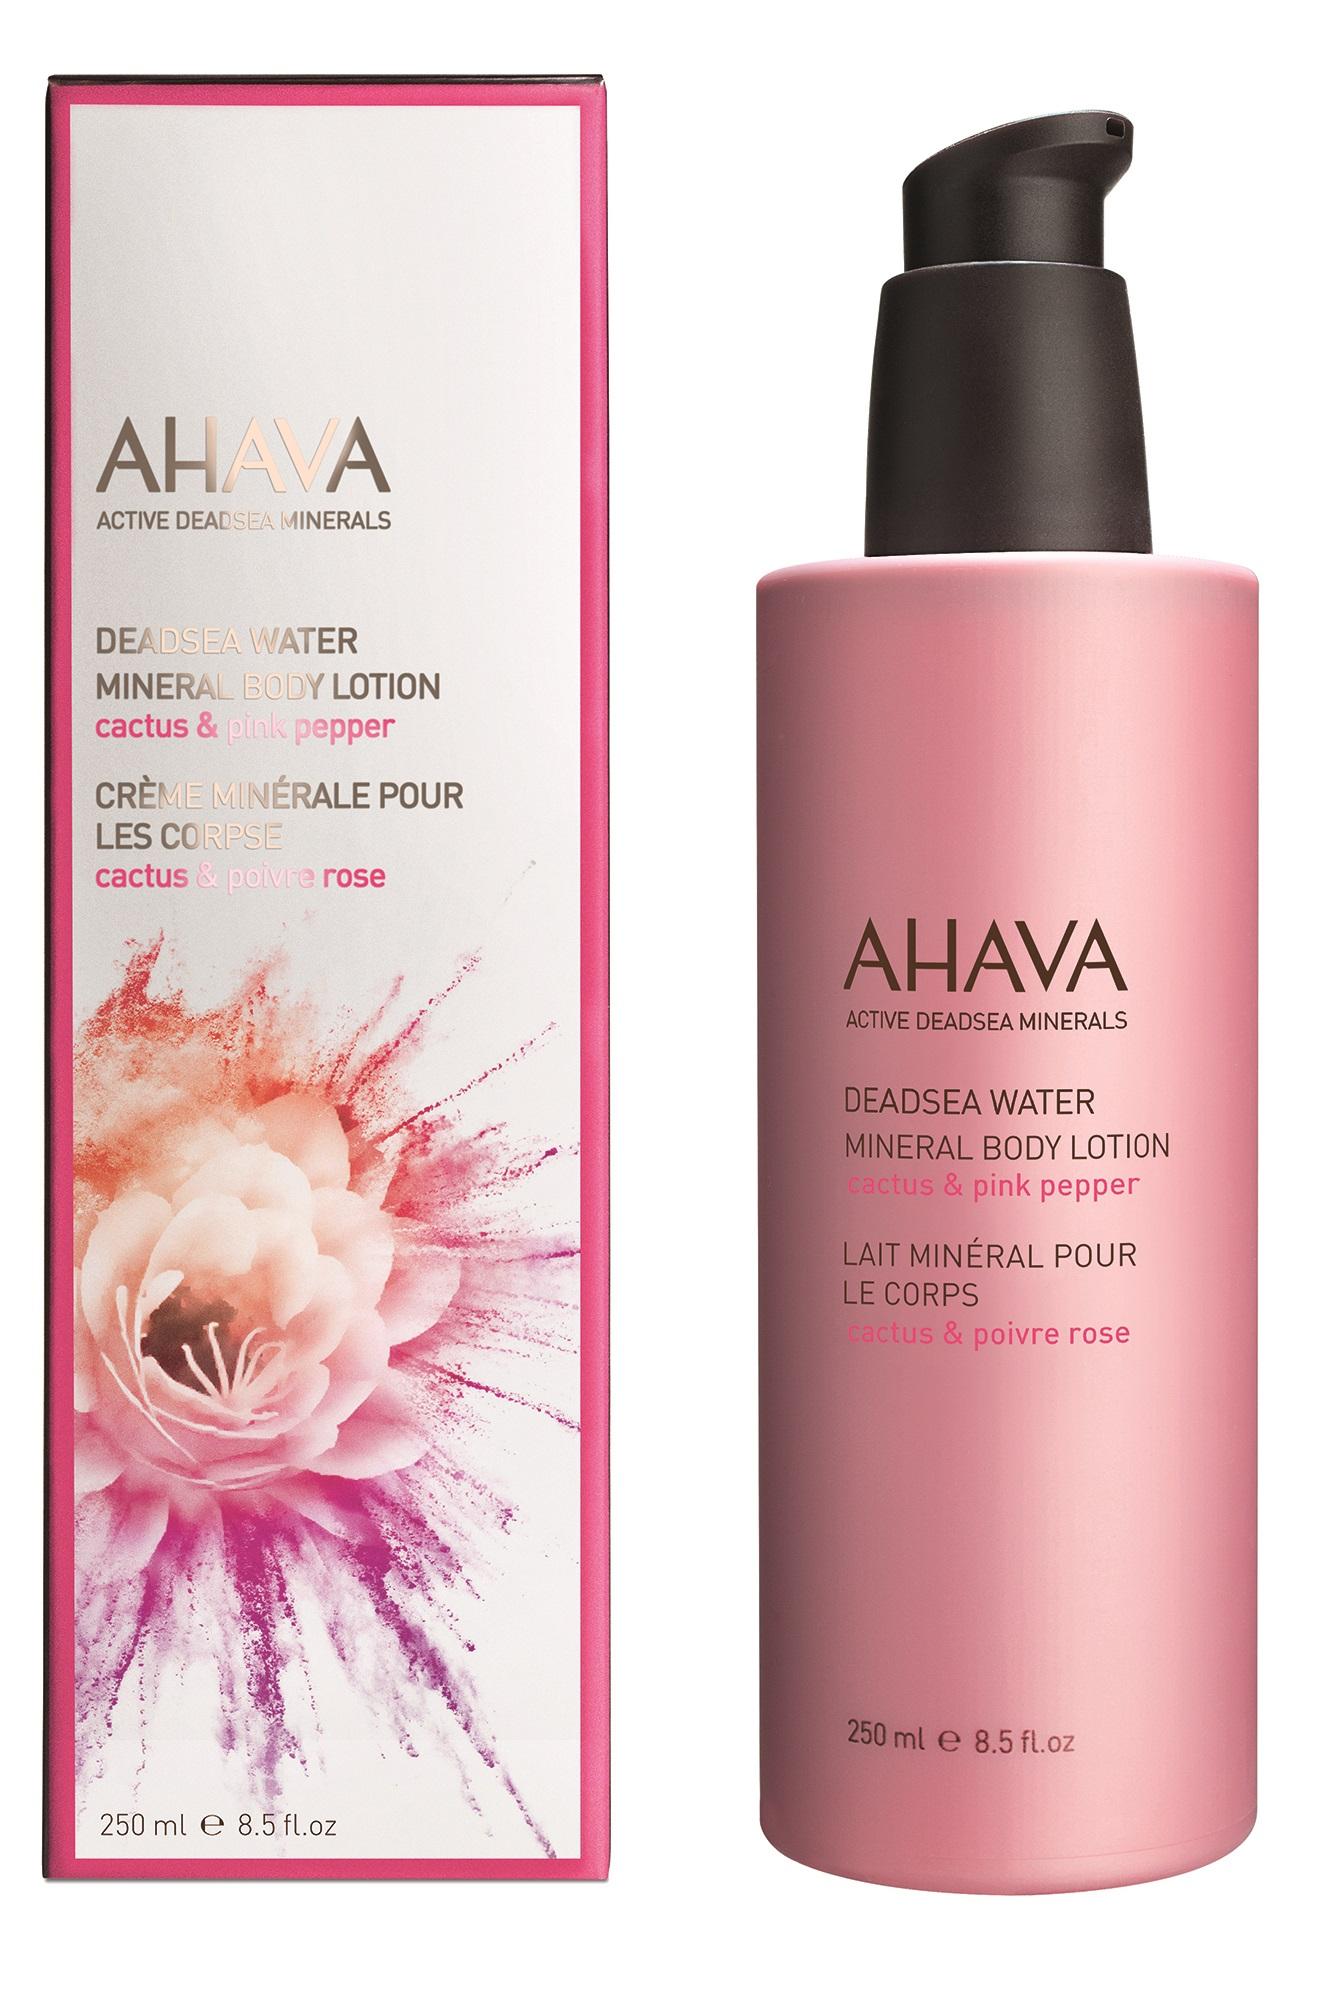 AHAVA Крем минеральный для тела, кактус и розовый перец / Deadsea Water 250 мл -  Лосьоны